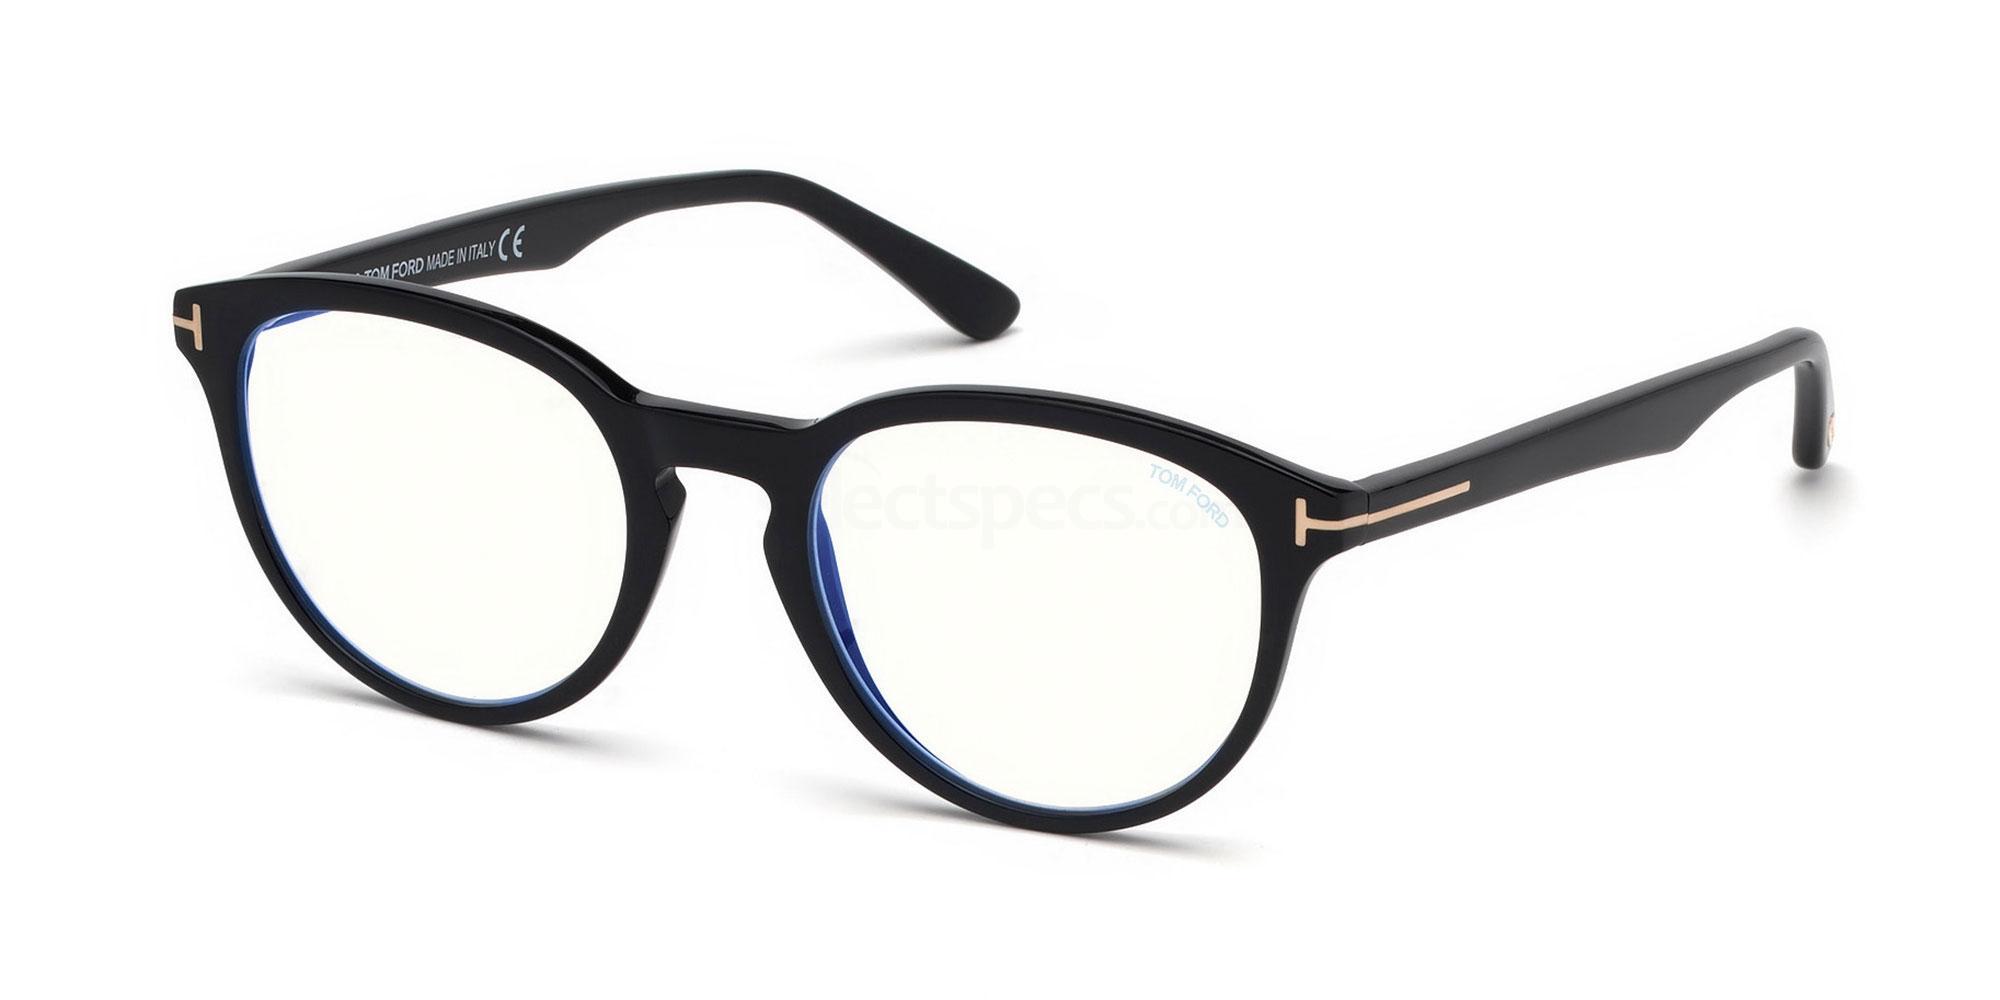 001 FT5556-B Glasses, Tom Ford